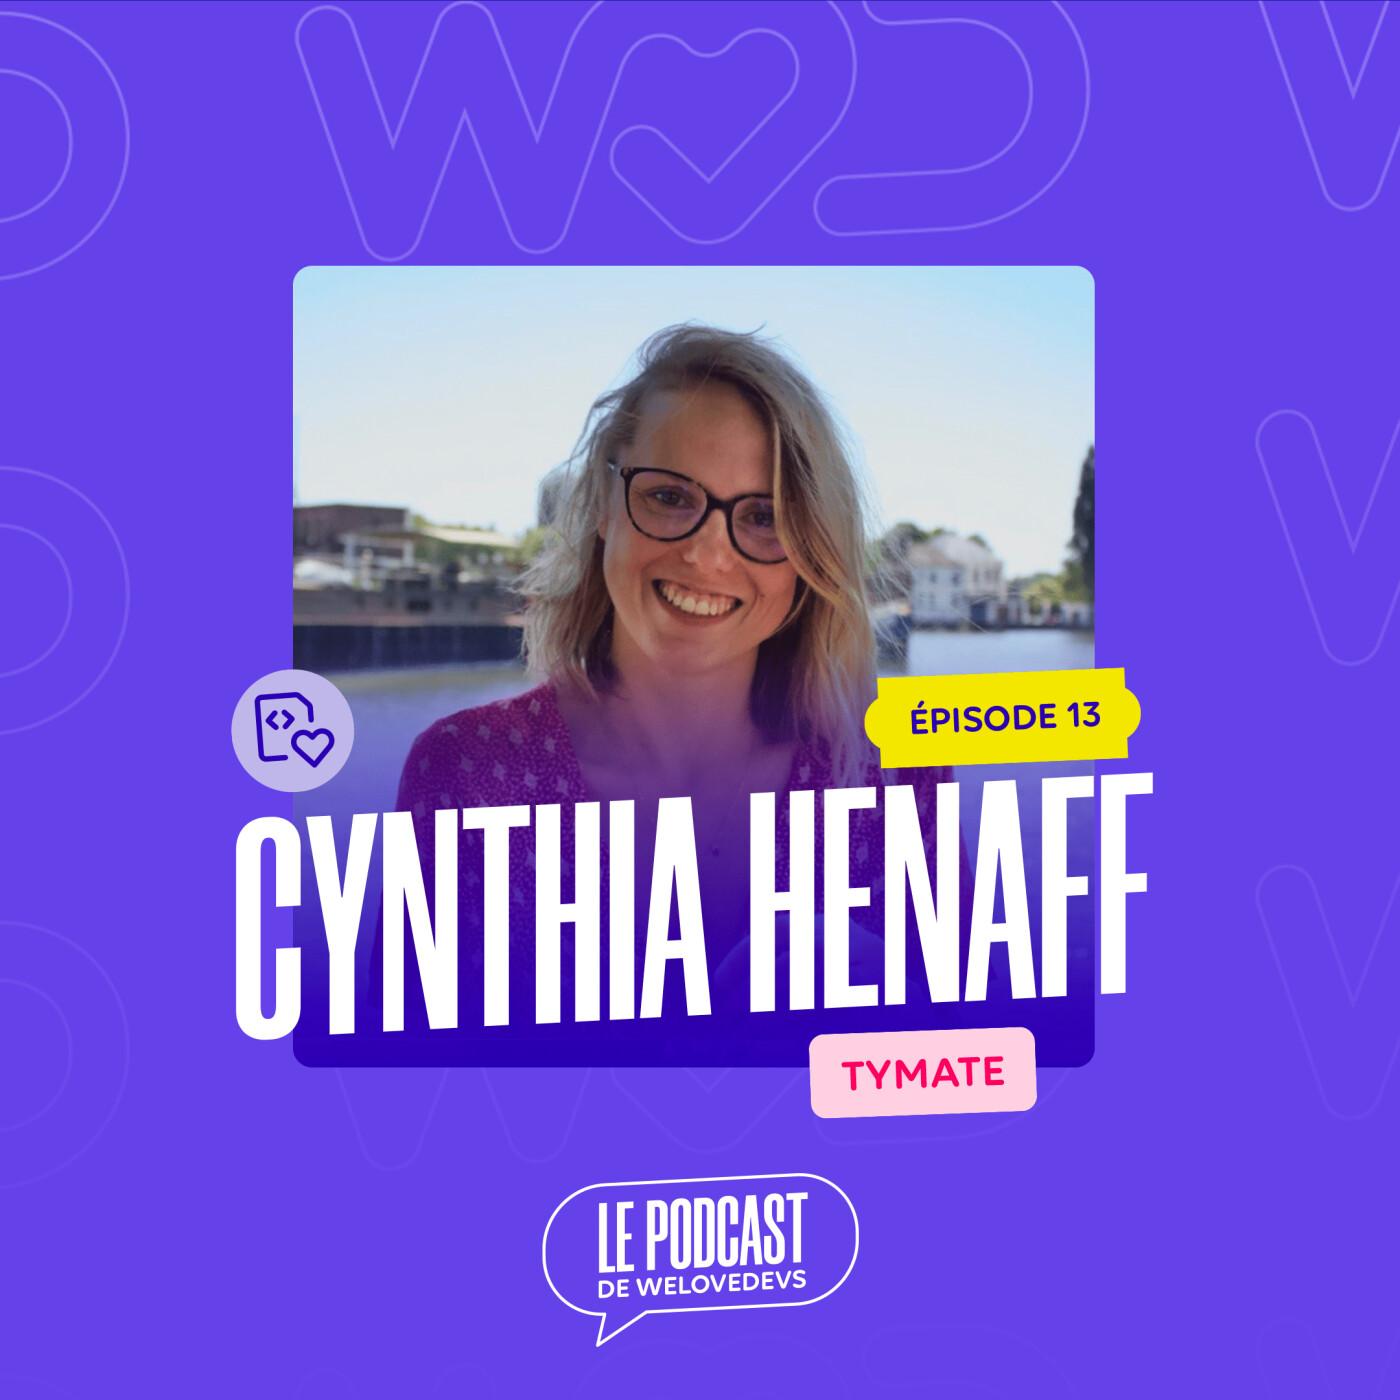 #13 - Cynthia Henaff - Tymate - On a toujours de nouvelles choses à apprendre